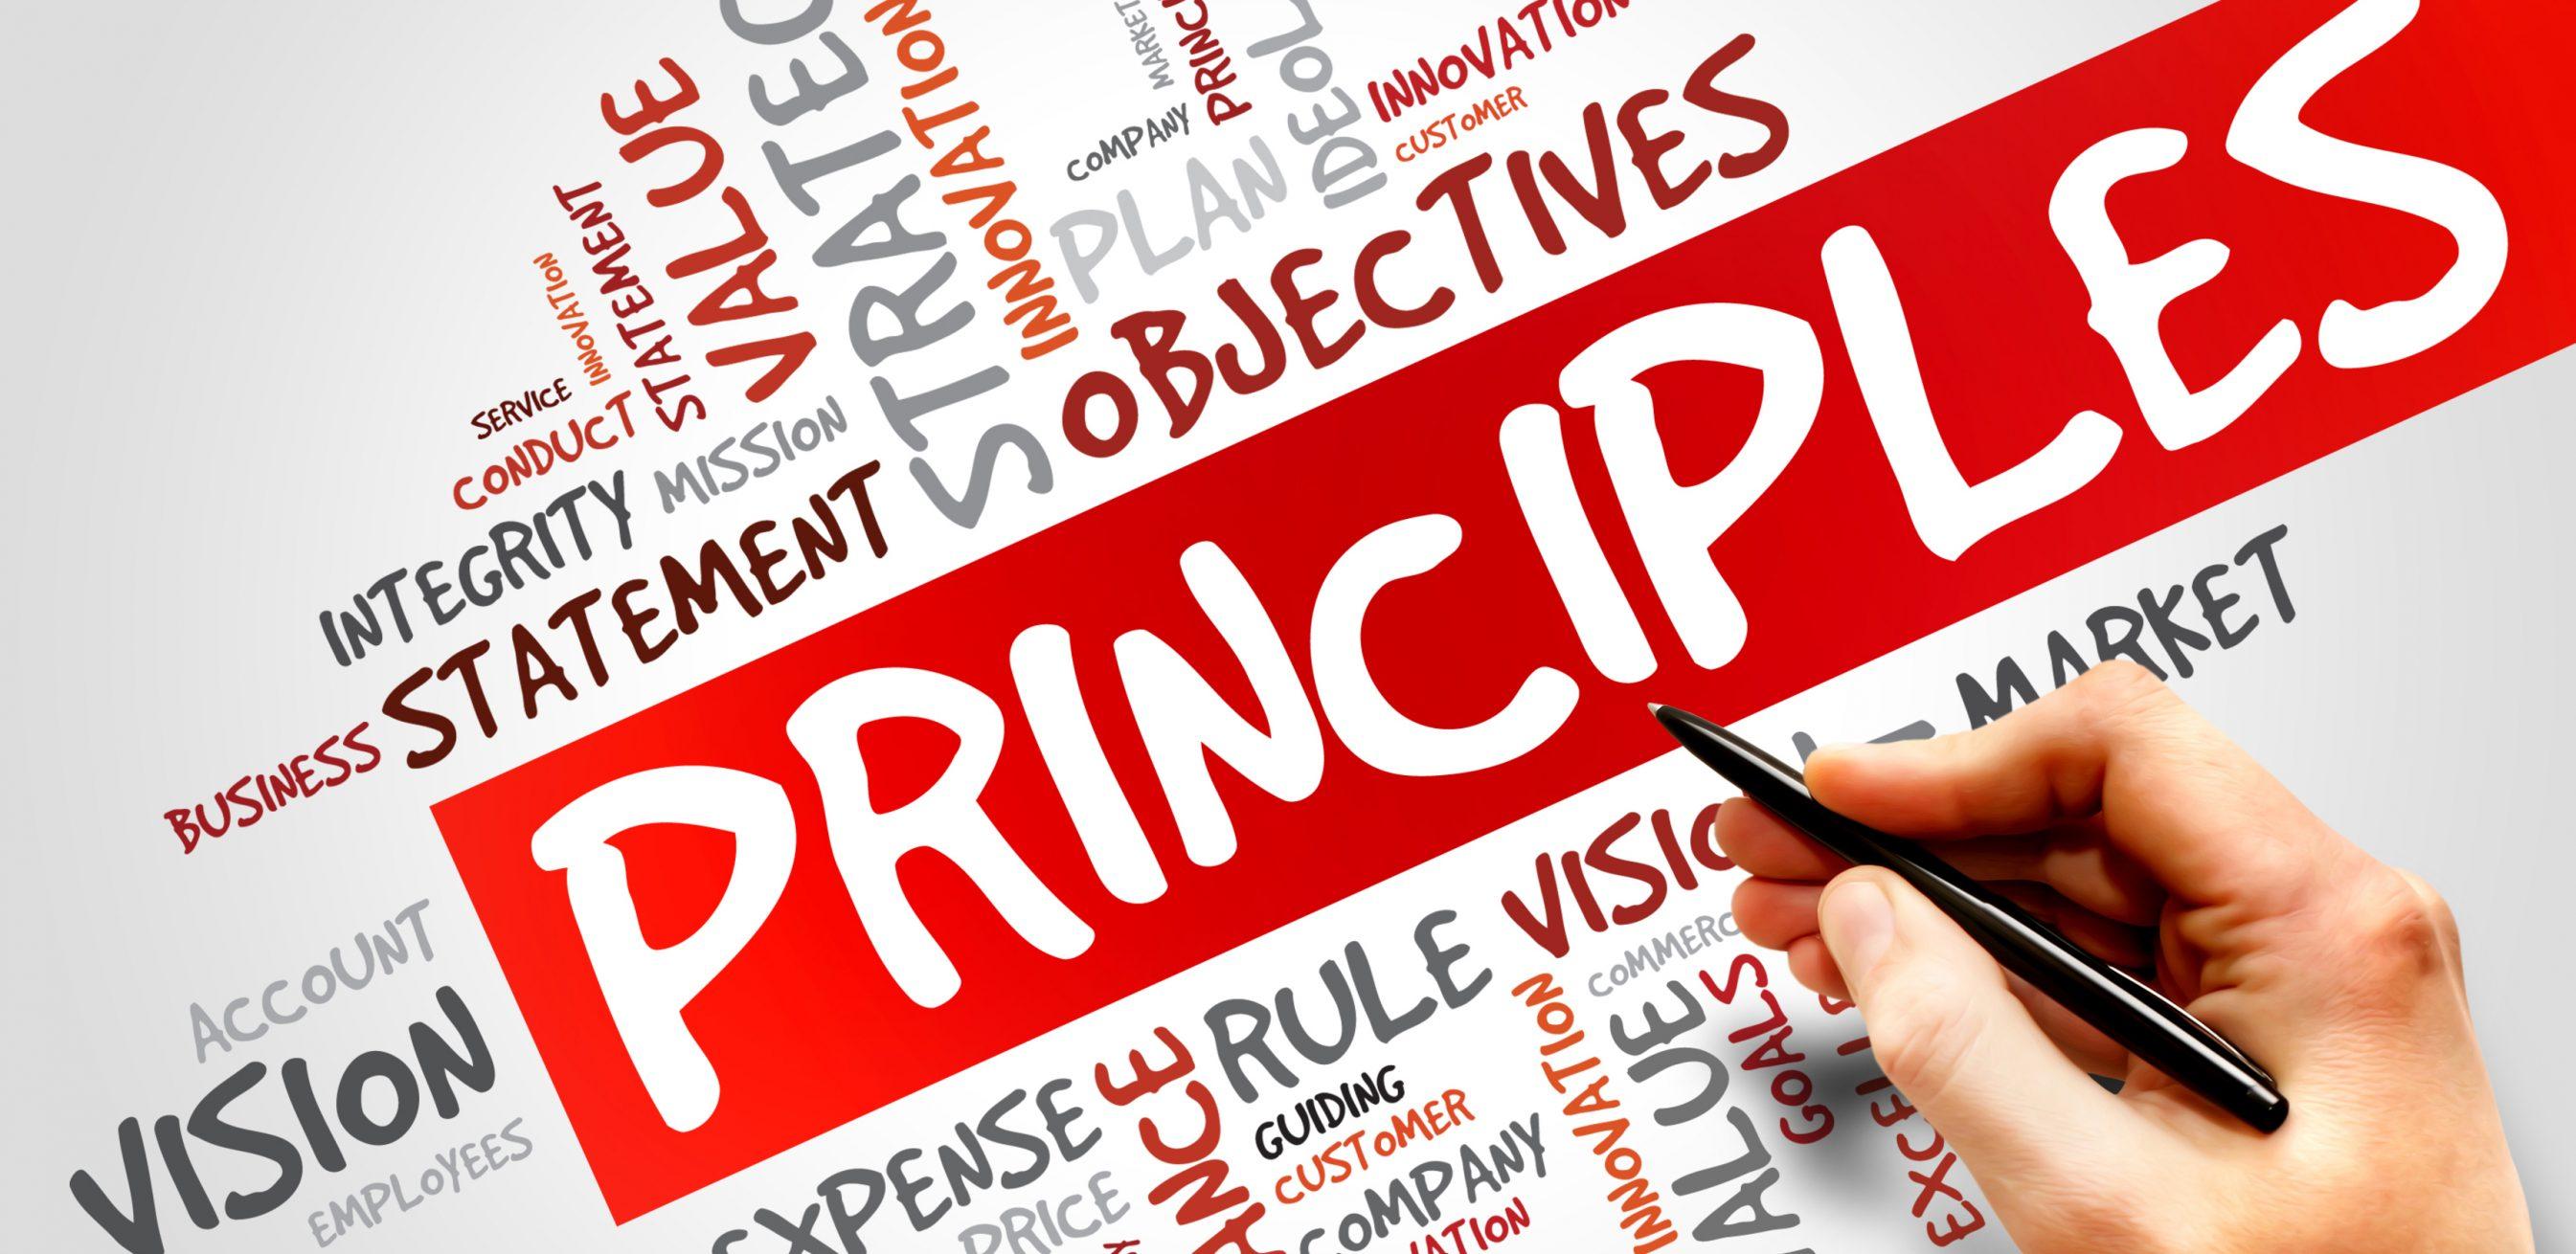 Project Management Principles wordcloud